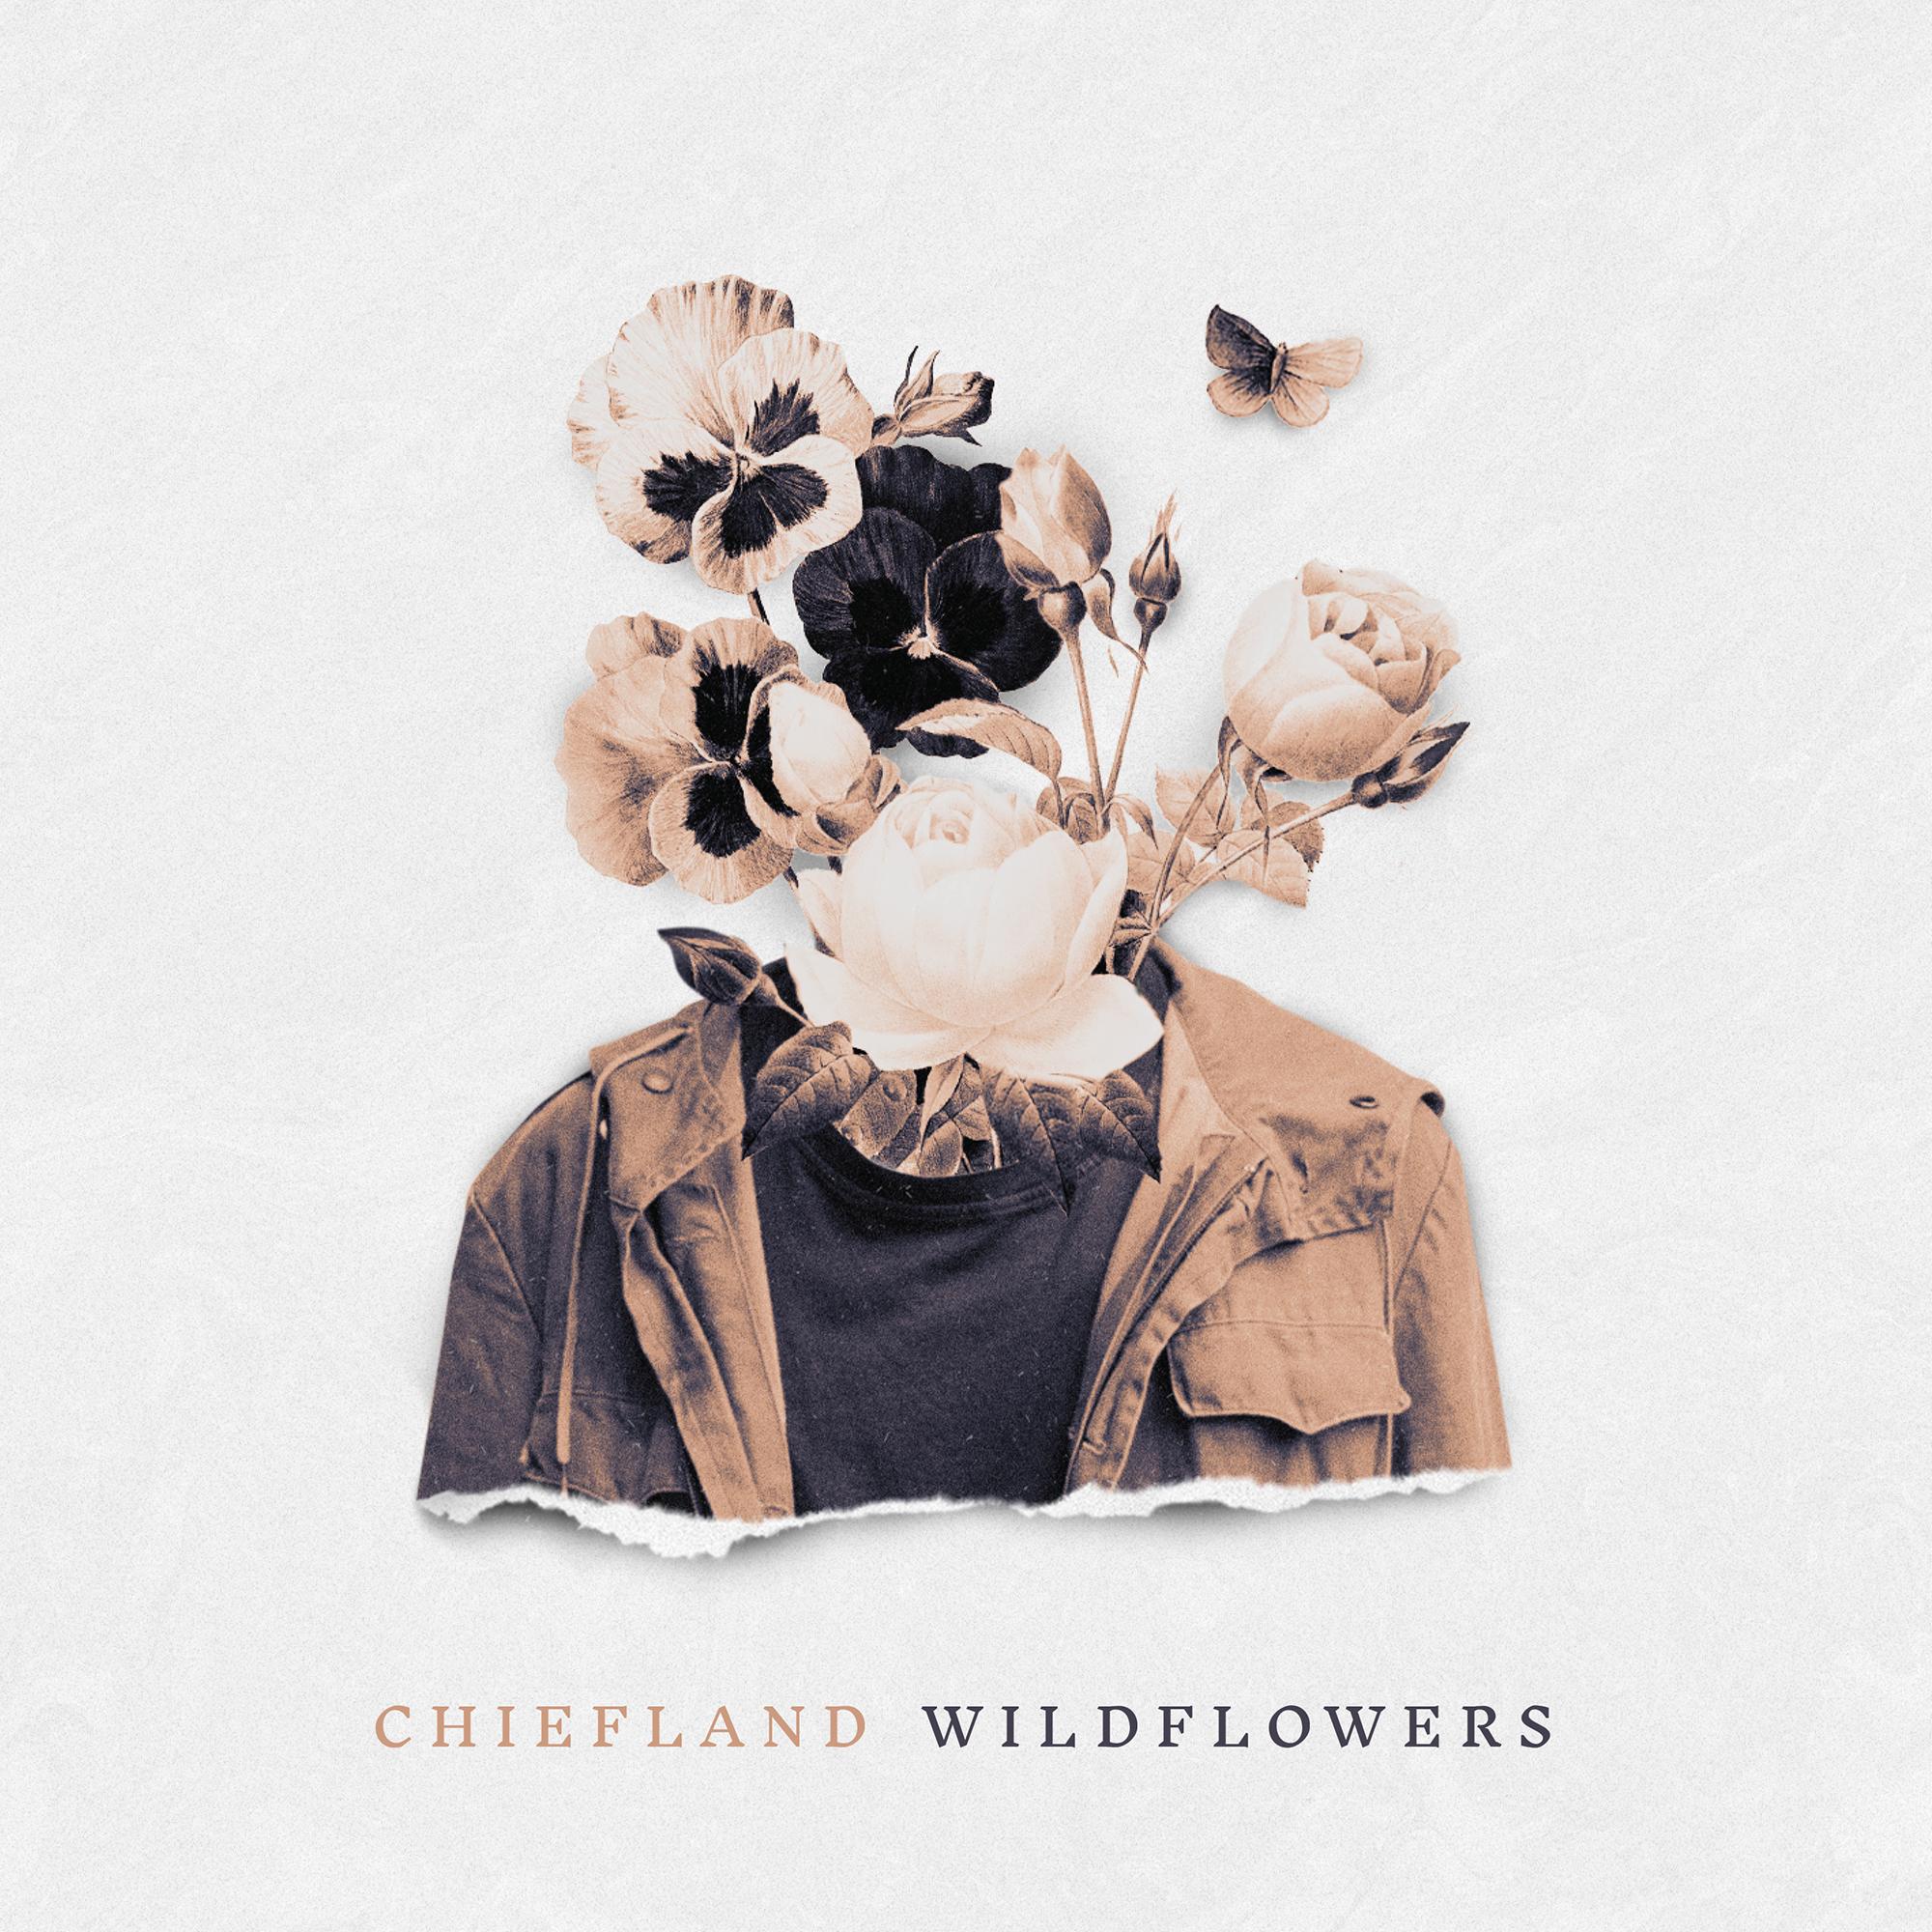 chiefland-wildflowers-ein-grosser-bund-emotionen-album-review